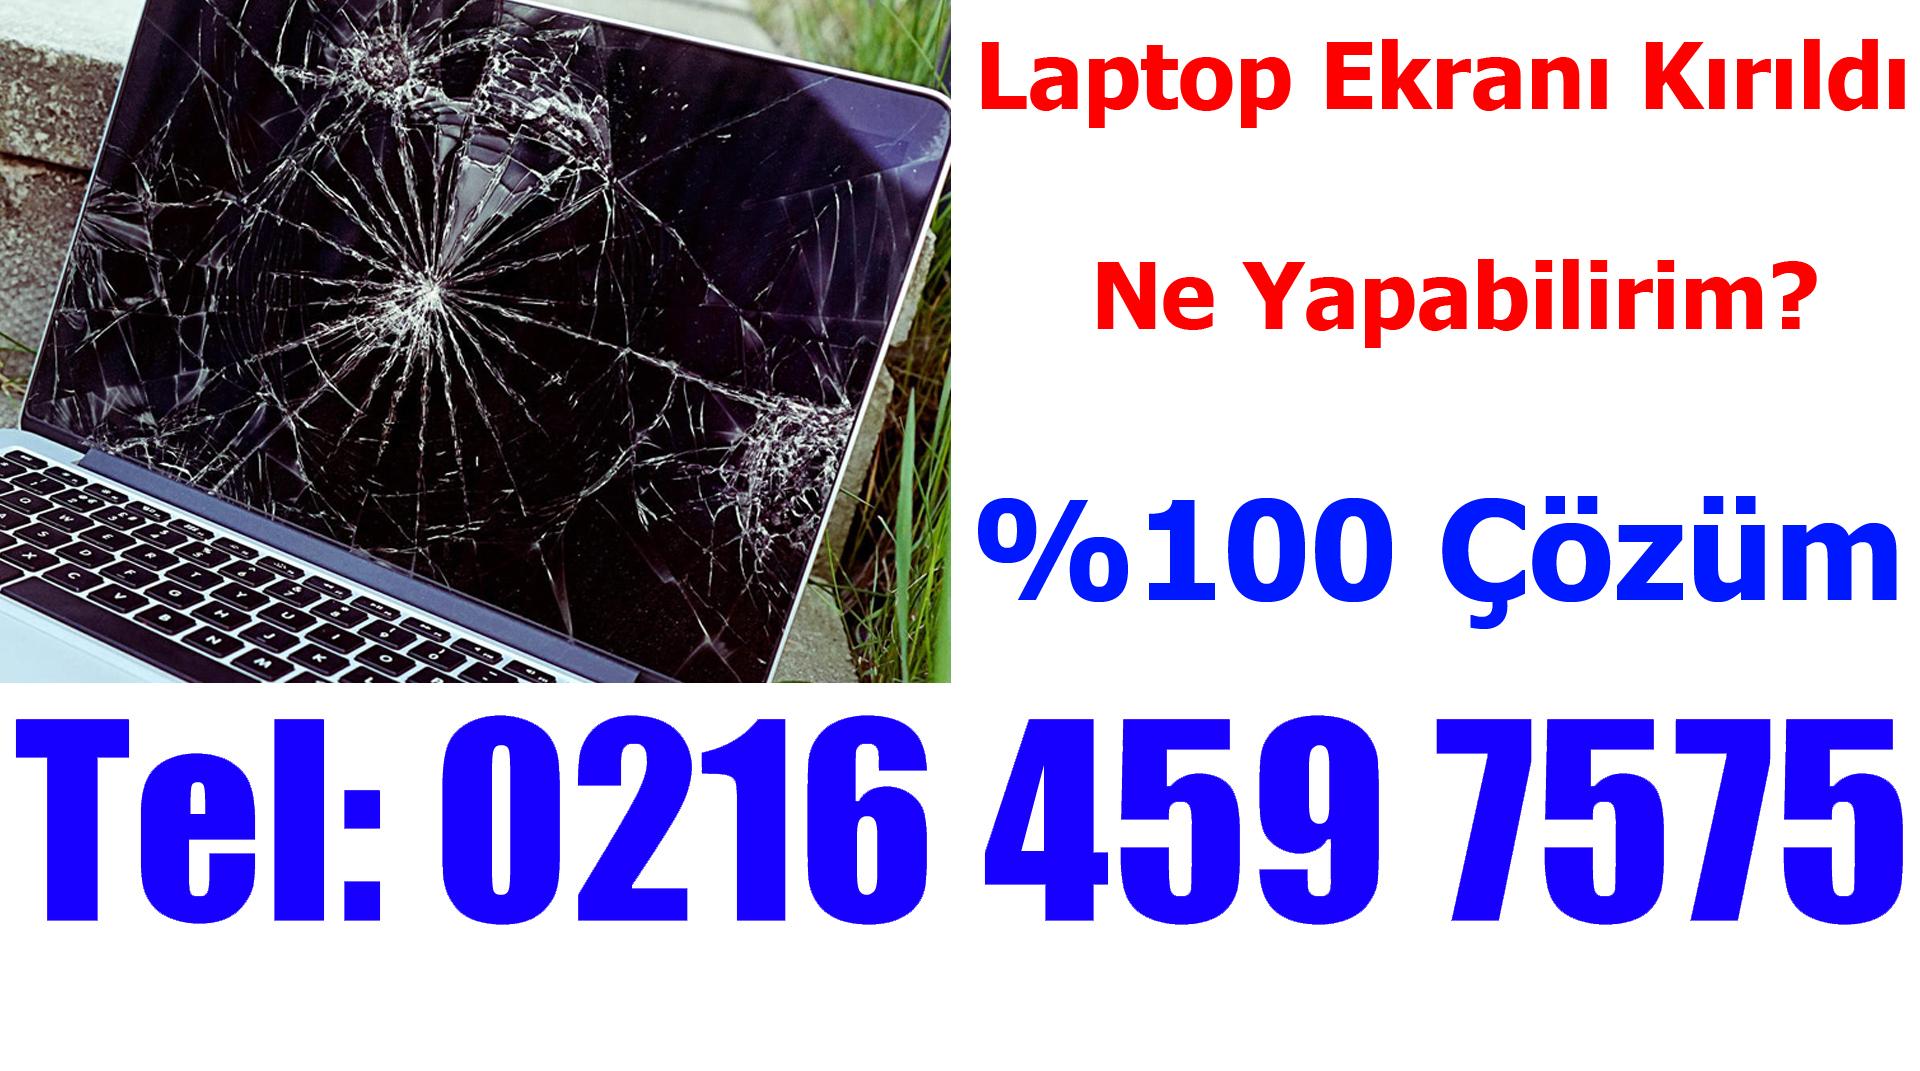 Laptop Ekranı Kırıldı ! Ne Yapabilirim